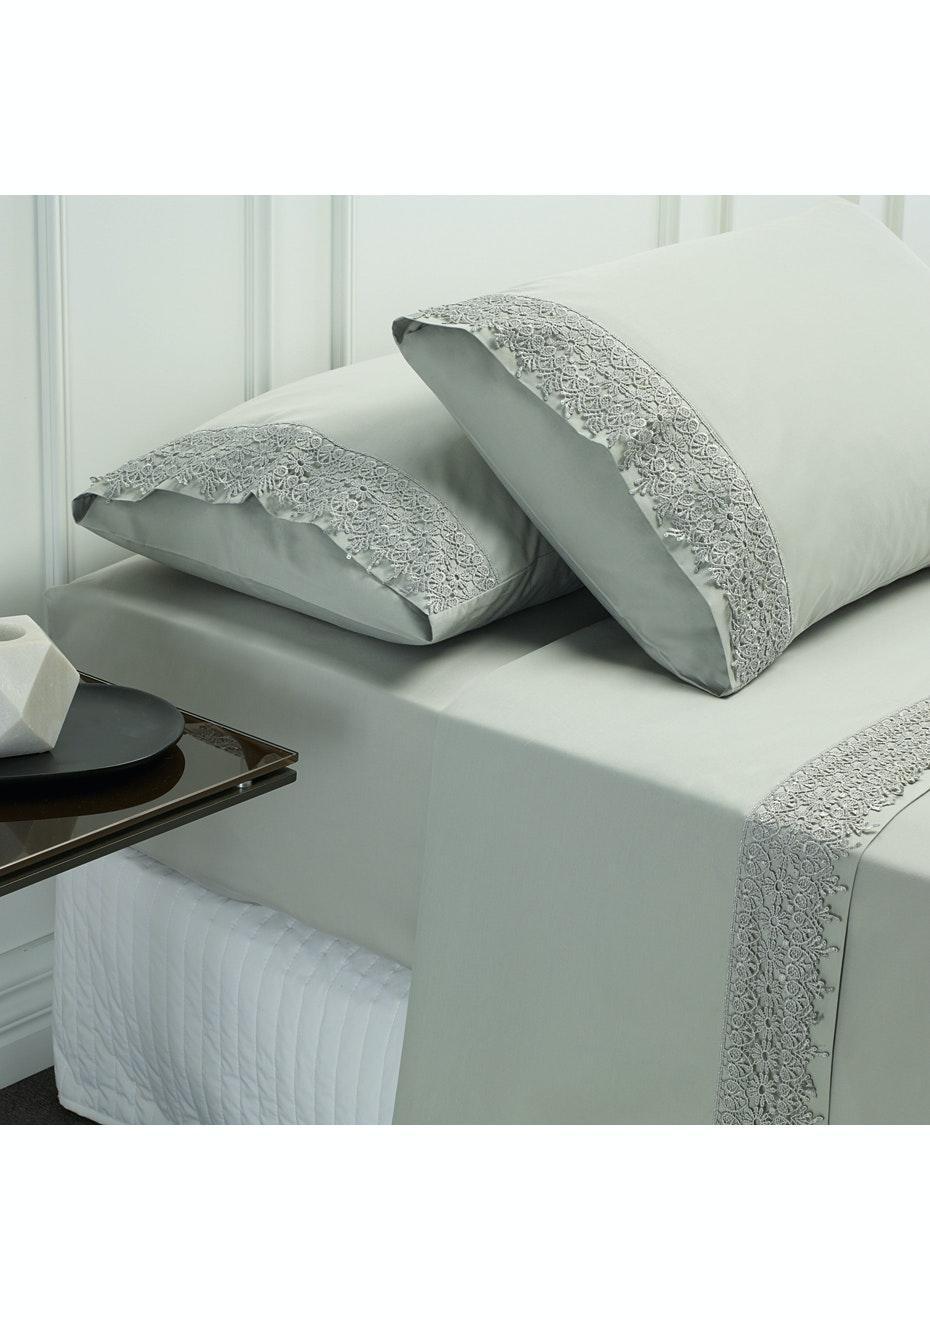 Style & Co 1000 Thread count Egyptian Cotton Hotel Collection Valencia Sheet sets Mega Queen Silver